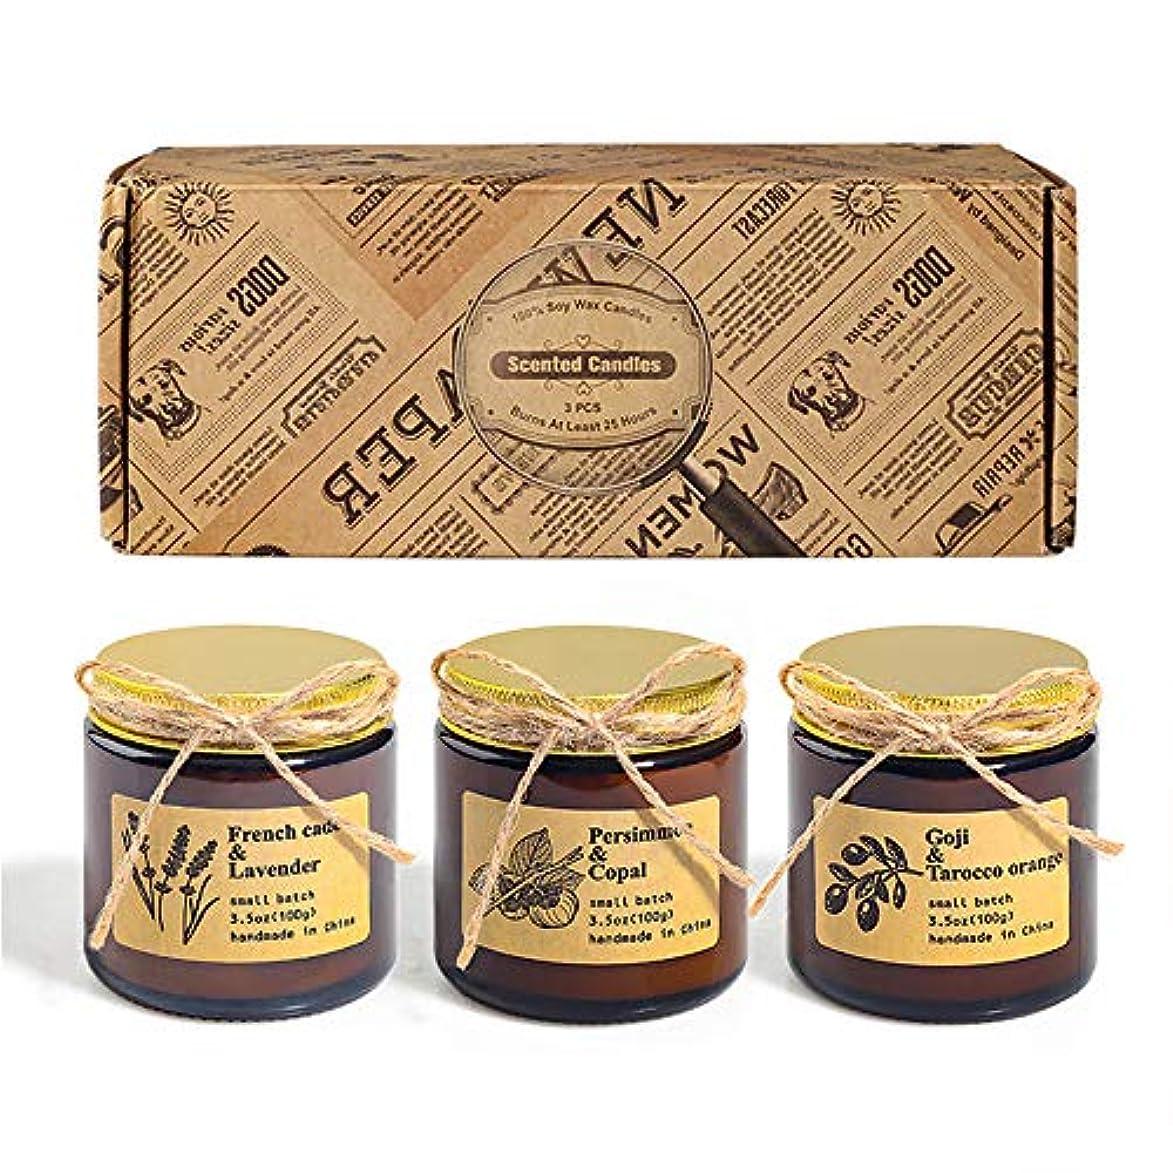 迷彩代理店誤ってアロマセラピーキャンドル、秋の装飾の香りキャンドル屋内または旅行用のポータブル香りキャンドル、3個